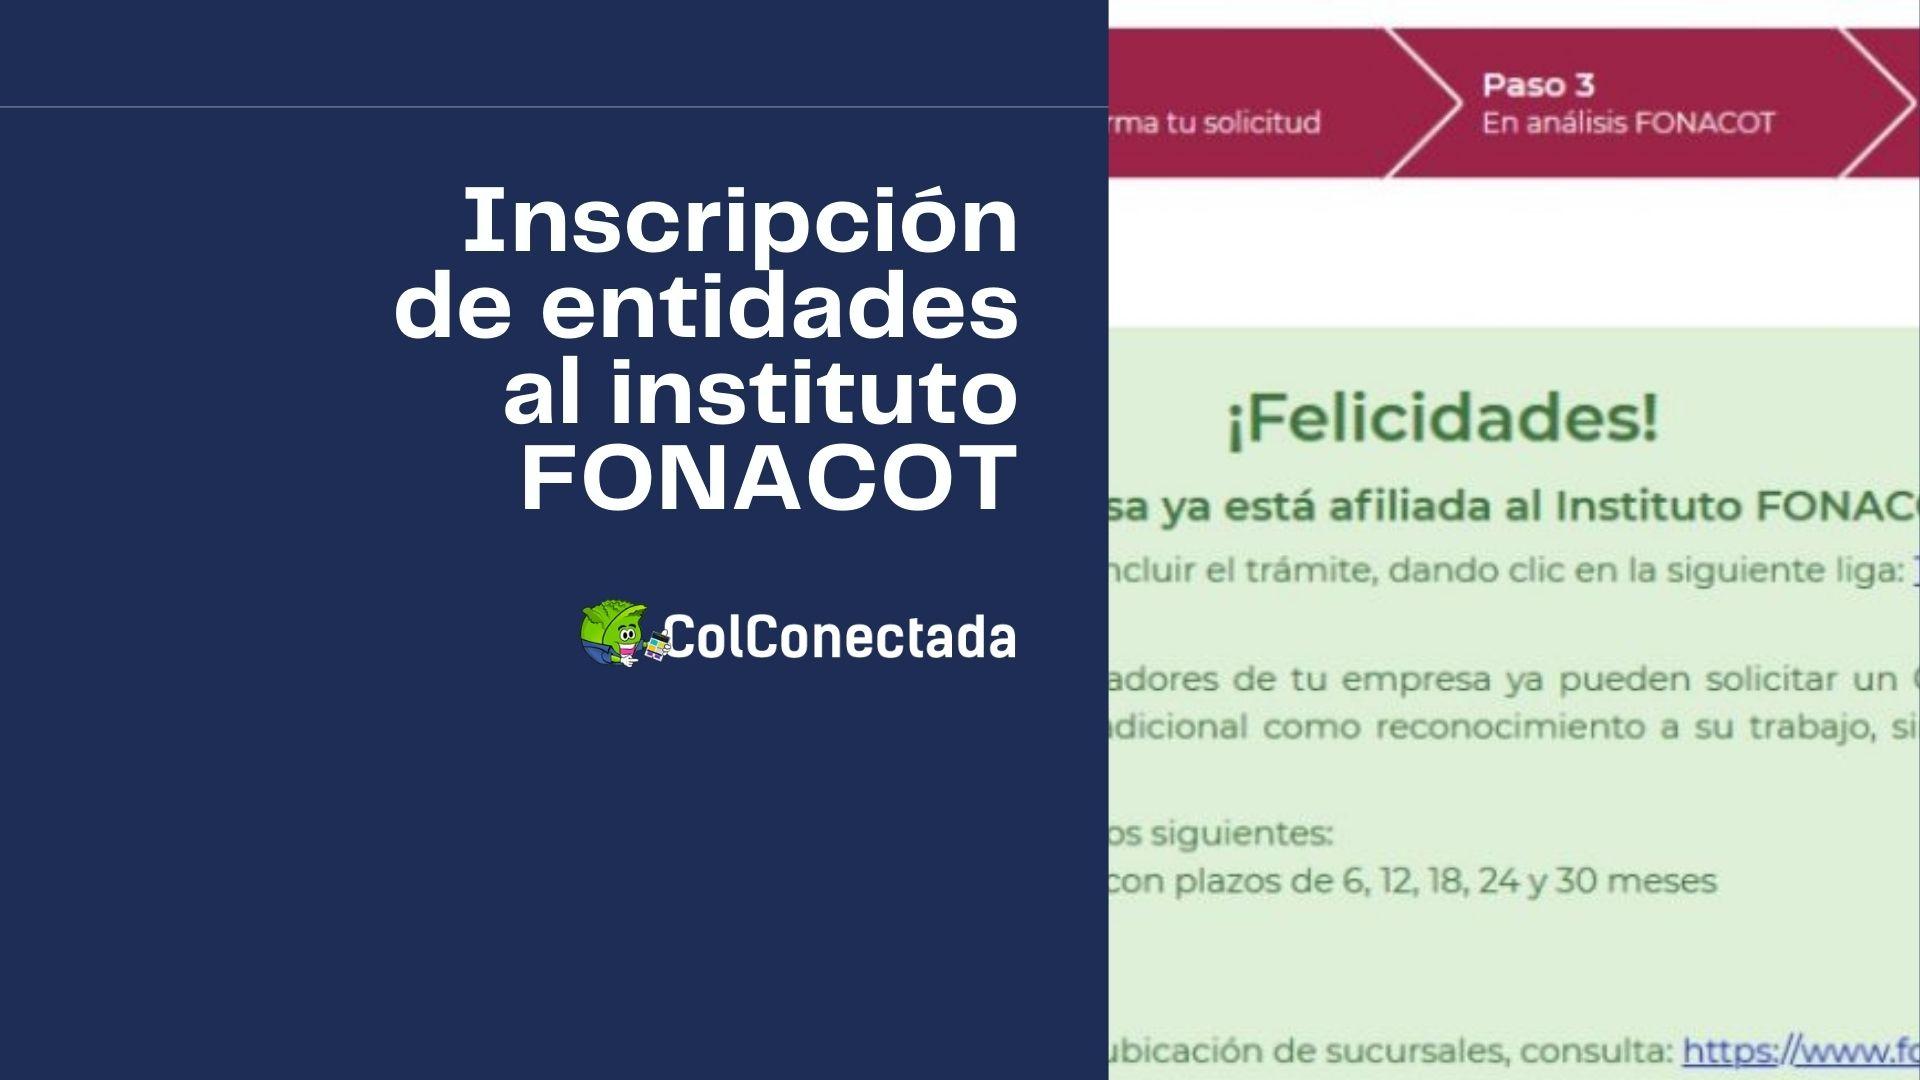 Pasos para gestionar la inscripción de entidades al INFONACOT 10